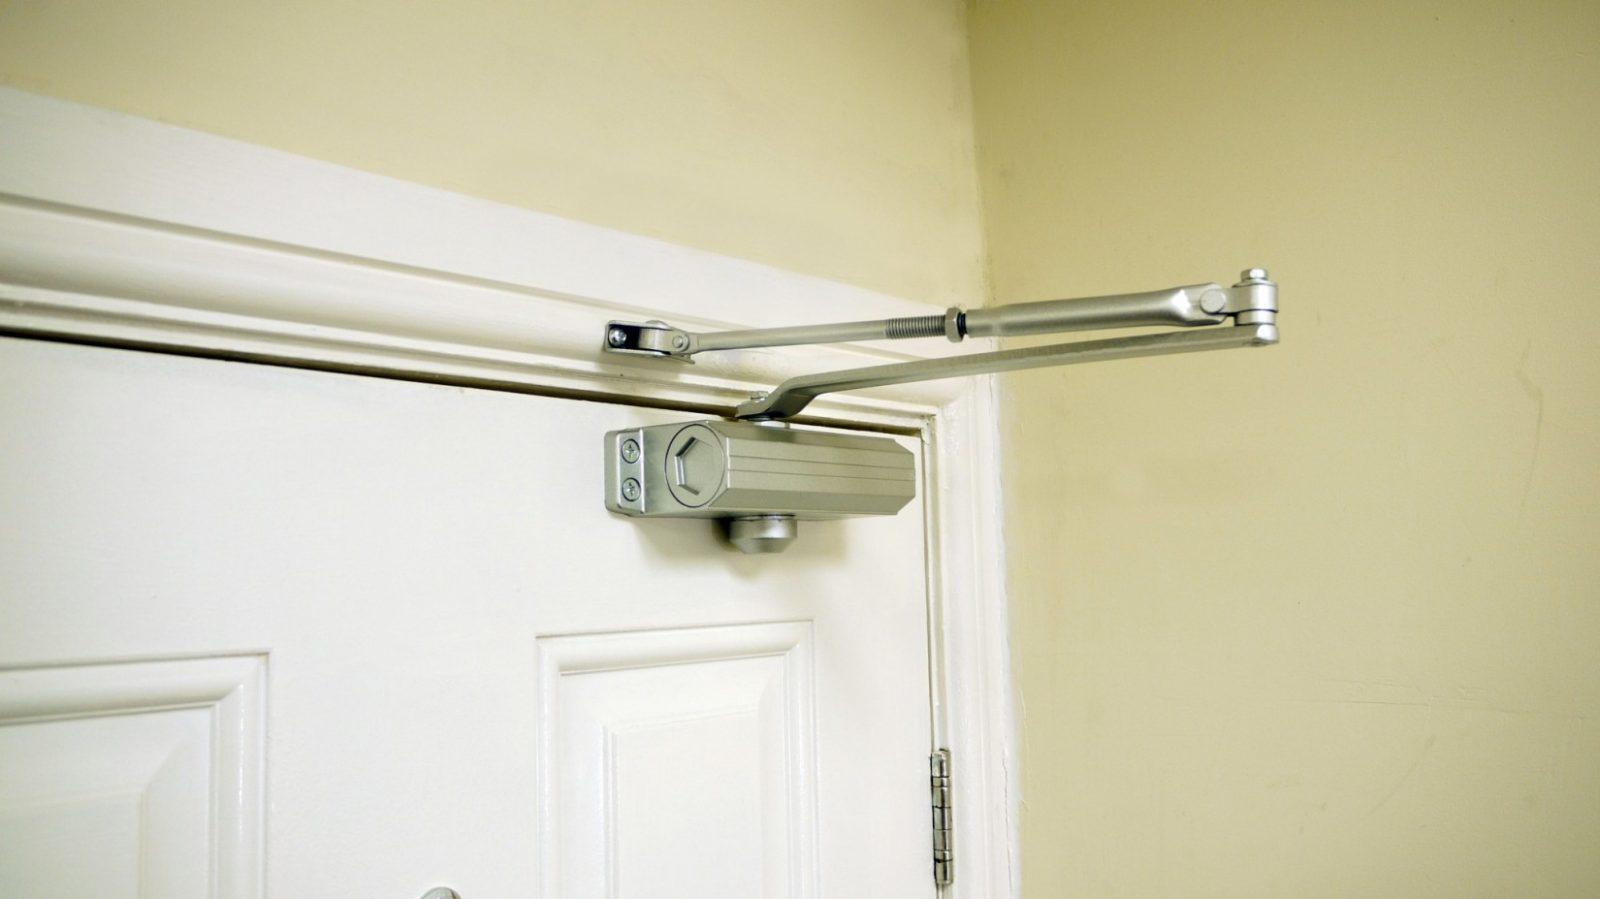 Fire Door Closers : New door closer to complete fire check range double